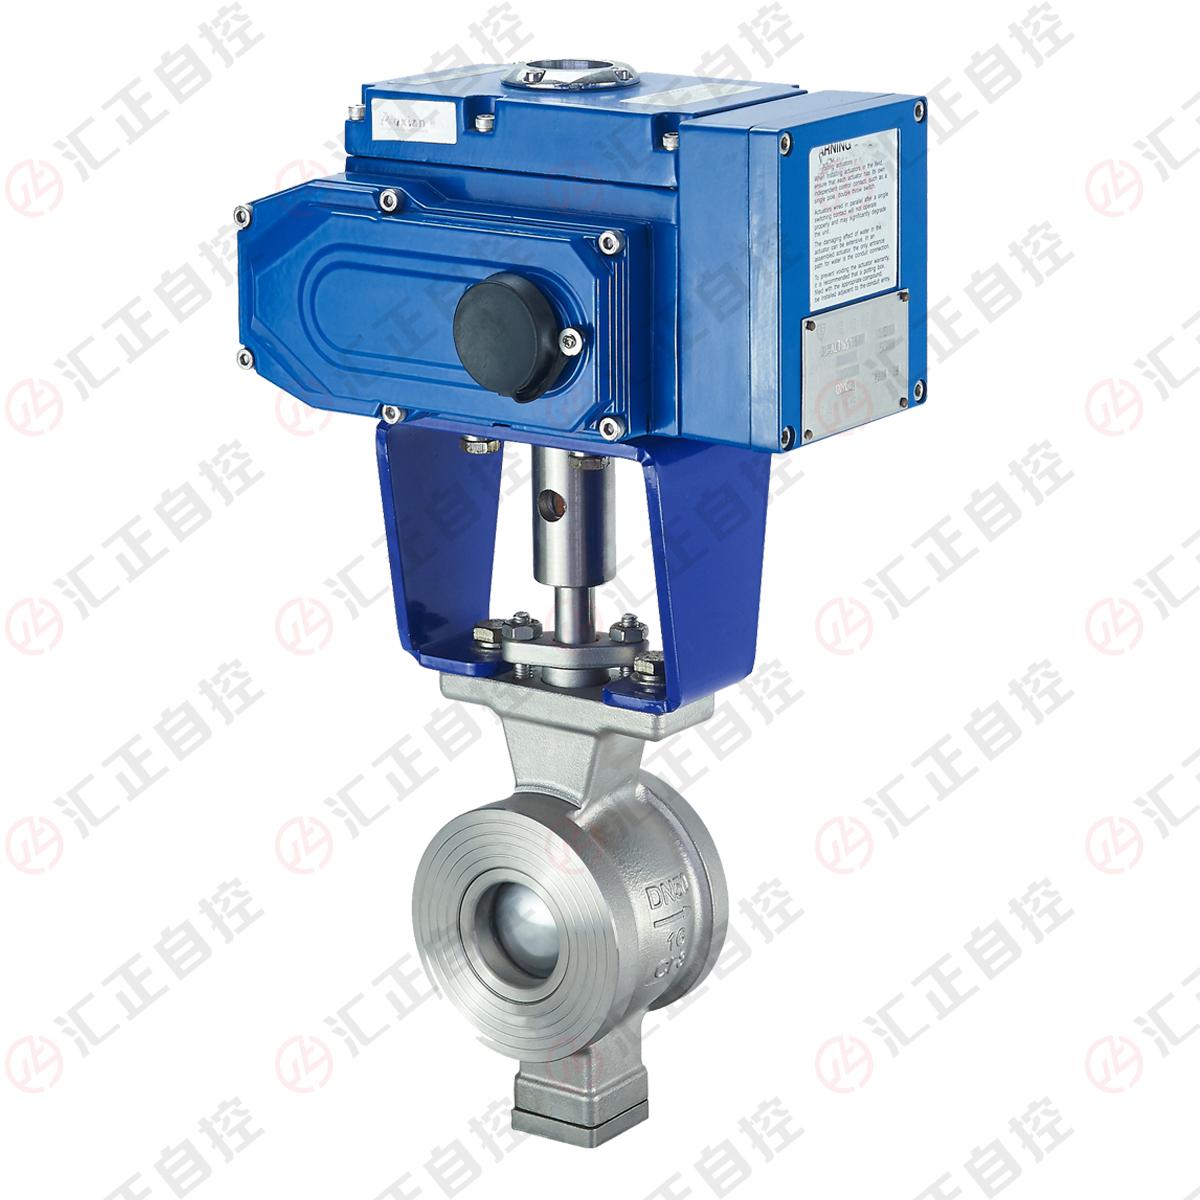 Wafer segment ball valve